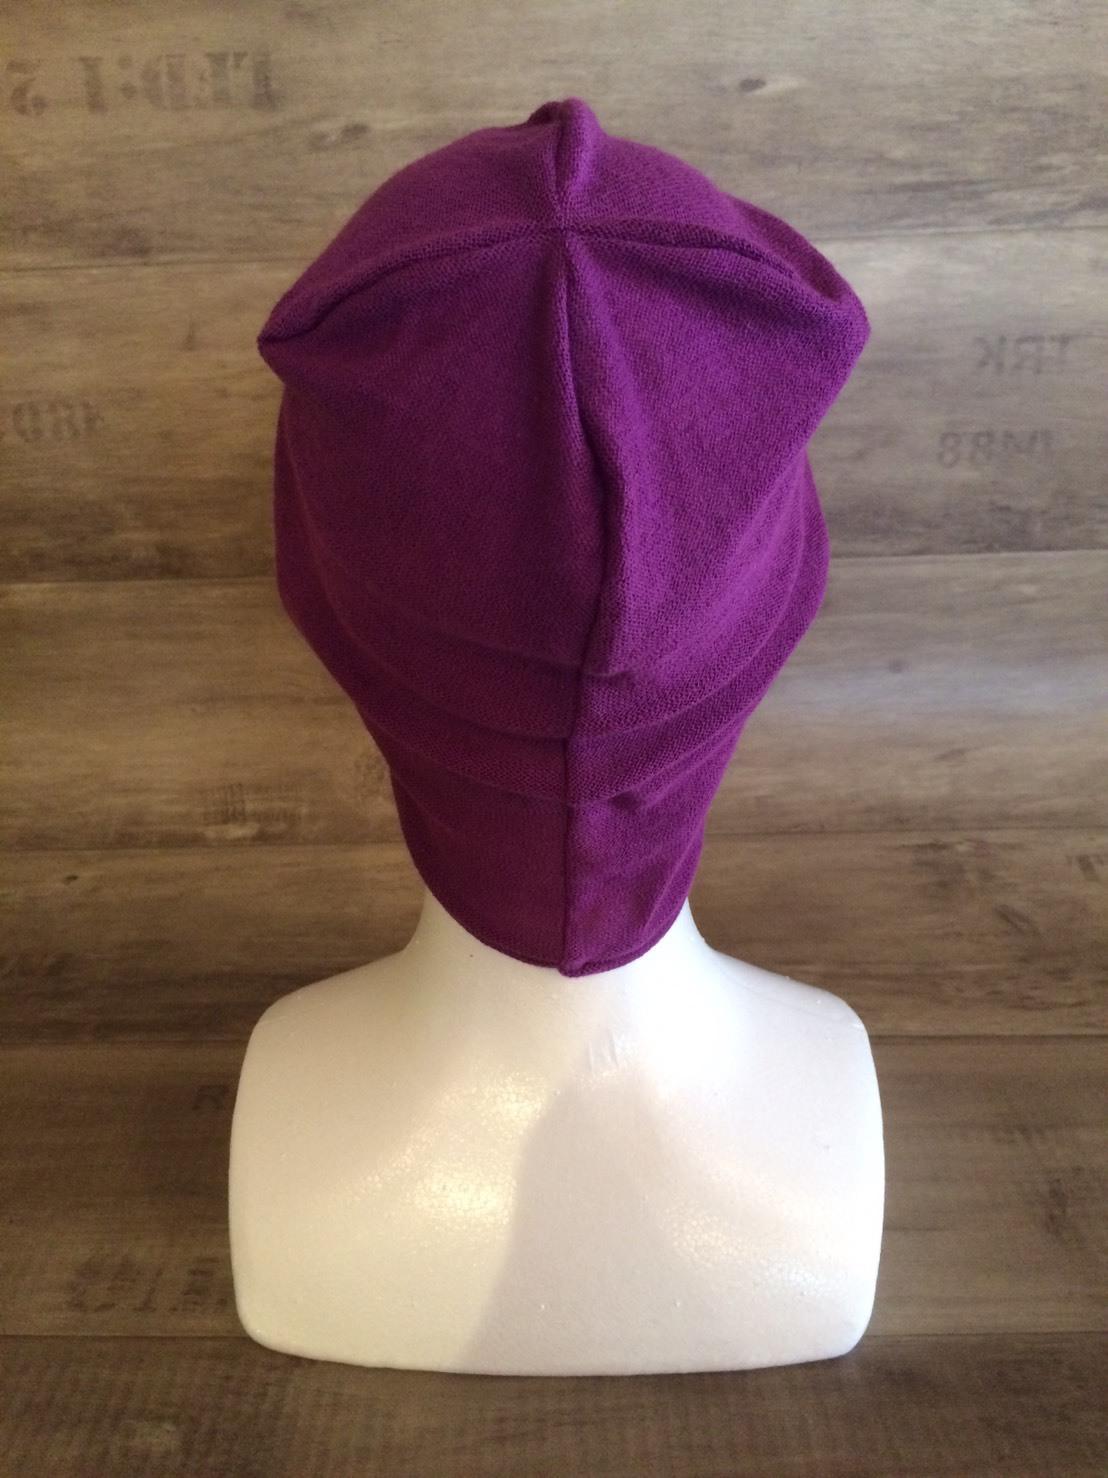 【送料無料】こころが軽くなるニット帽子amuamu 新潟の老舗ニットメーカーが考案した抗がん治療中の脱毛ストレスを軽減する機能性と豊富なデザイン NB-6060 京紫(きょうむらさき) - 画像2